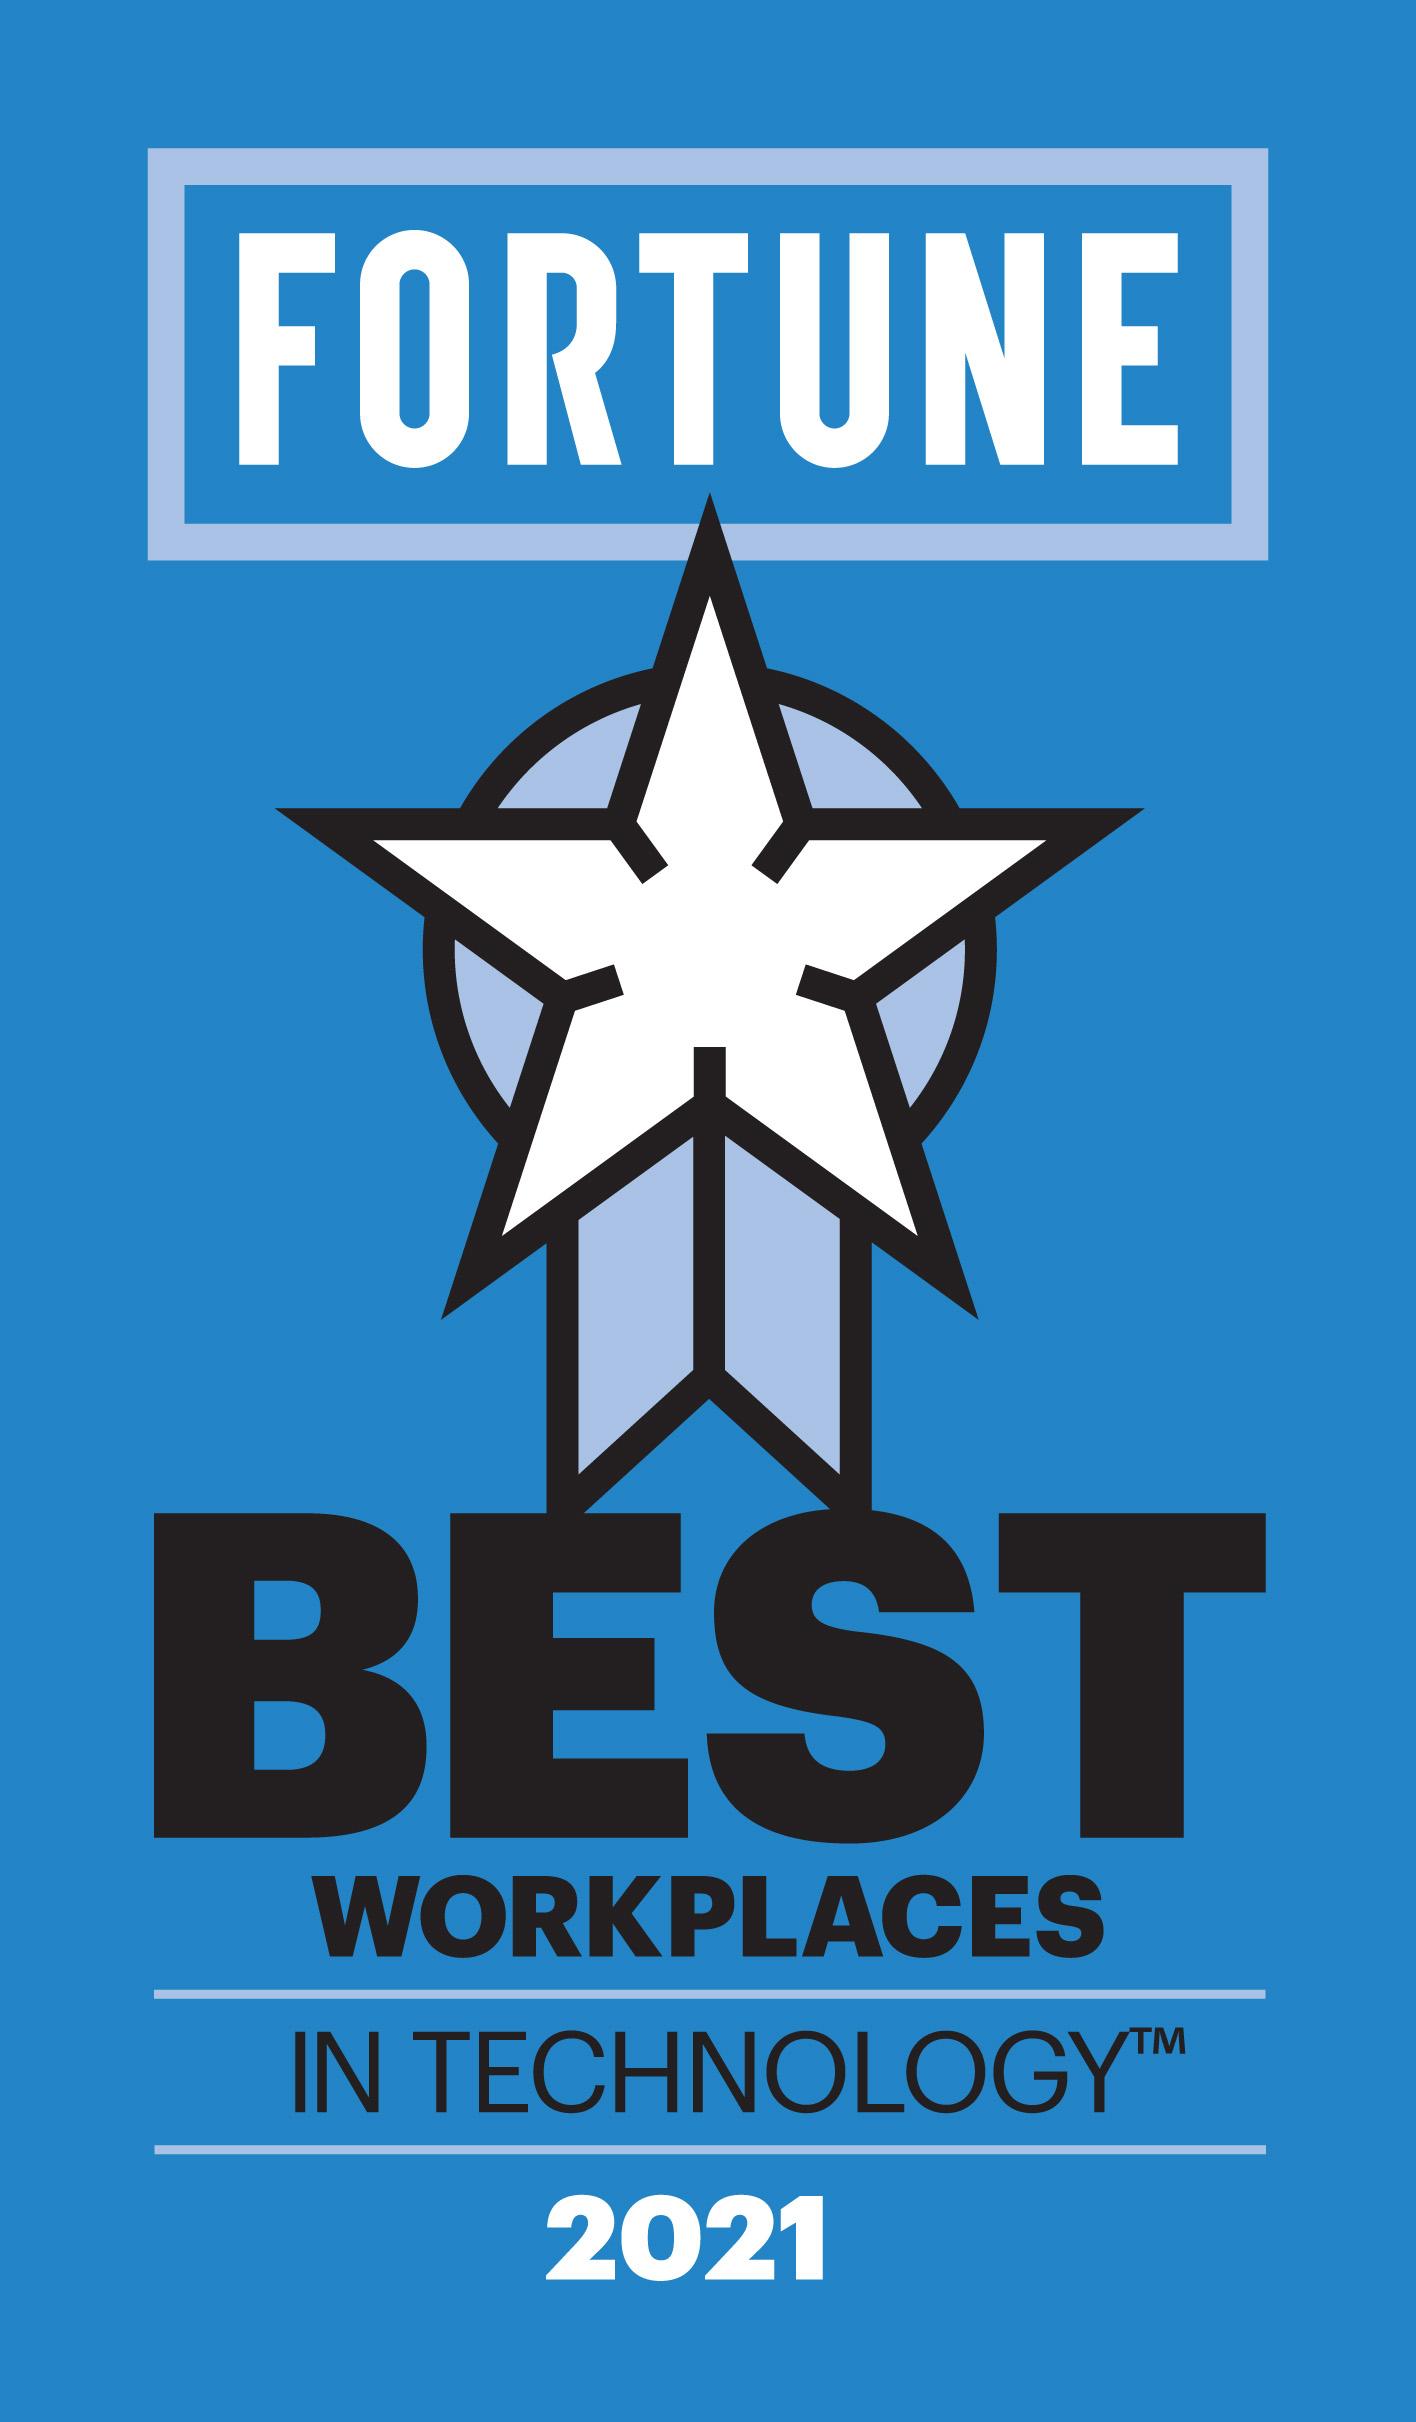 Classement Fortune des meilleurs lieux de travail en2021